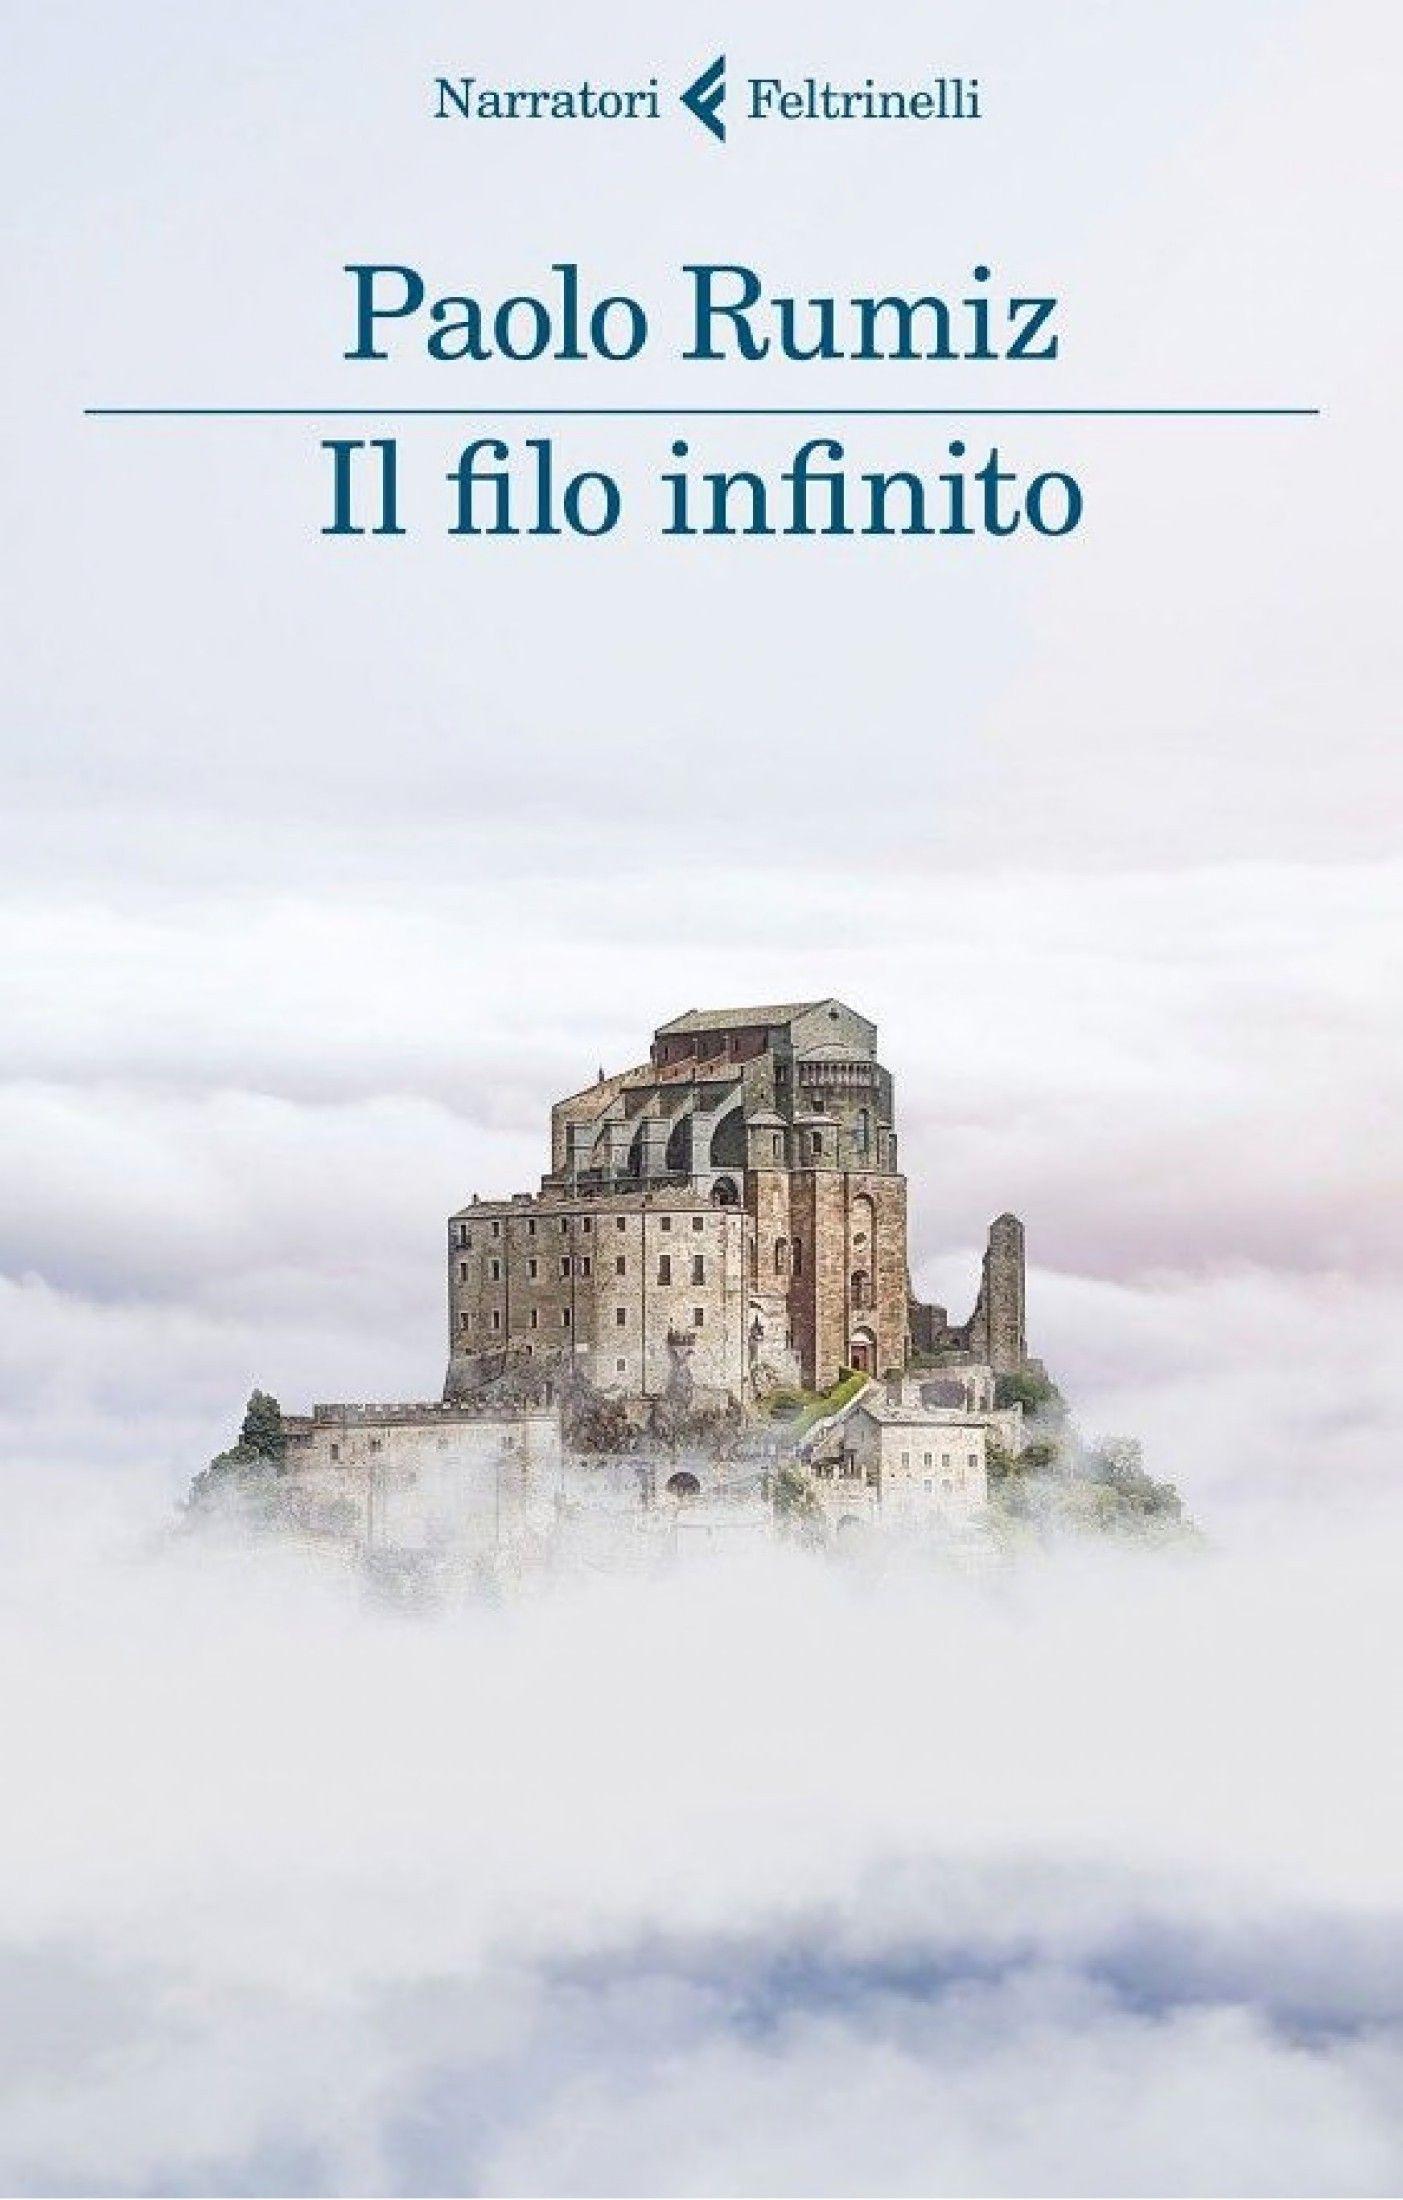 rencontrer - Coniugazione del verbo « rencontrer » | schoLINGUA